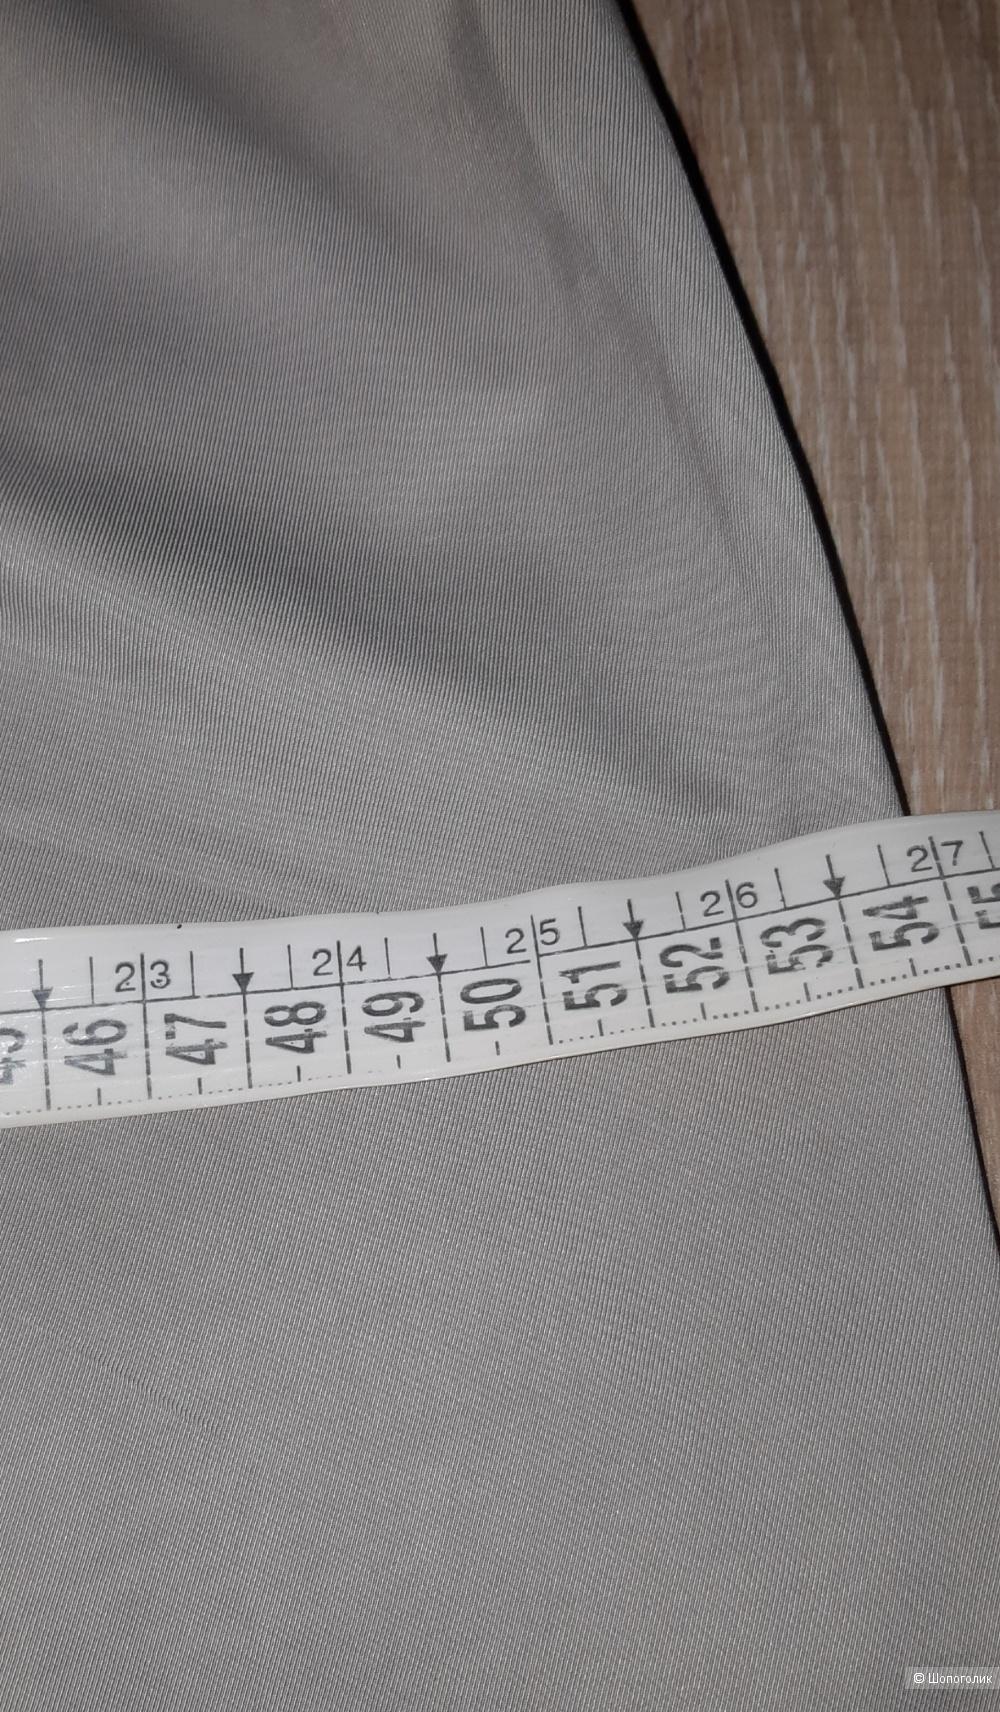 Брюки riani, размер 48+